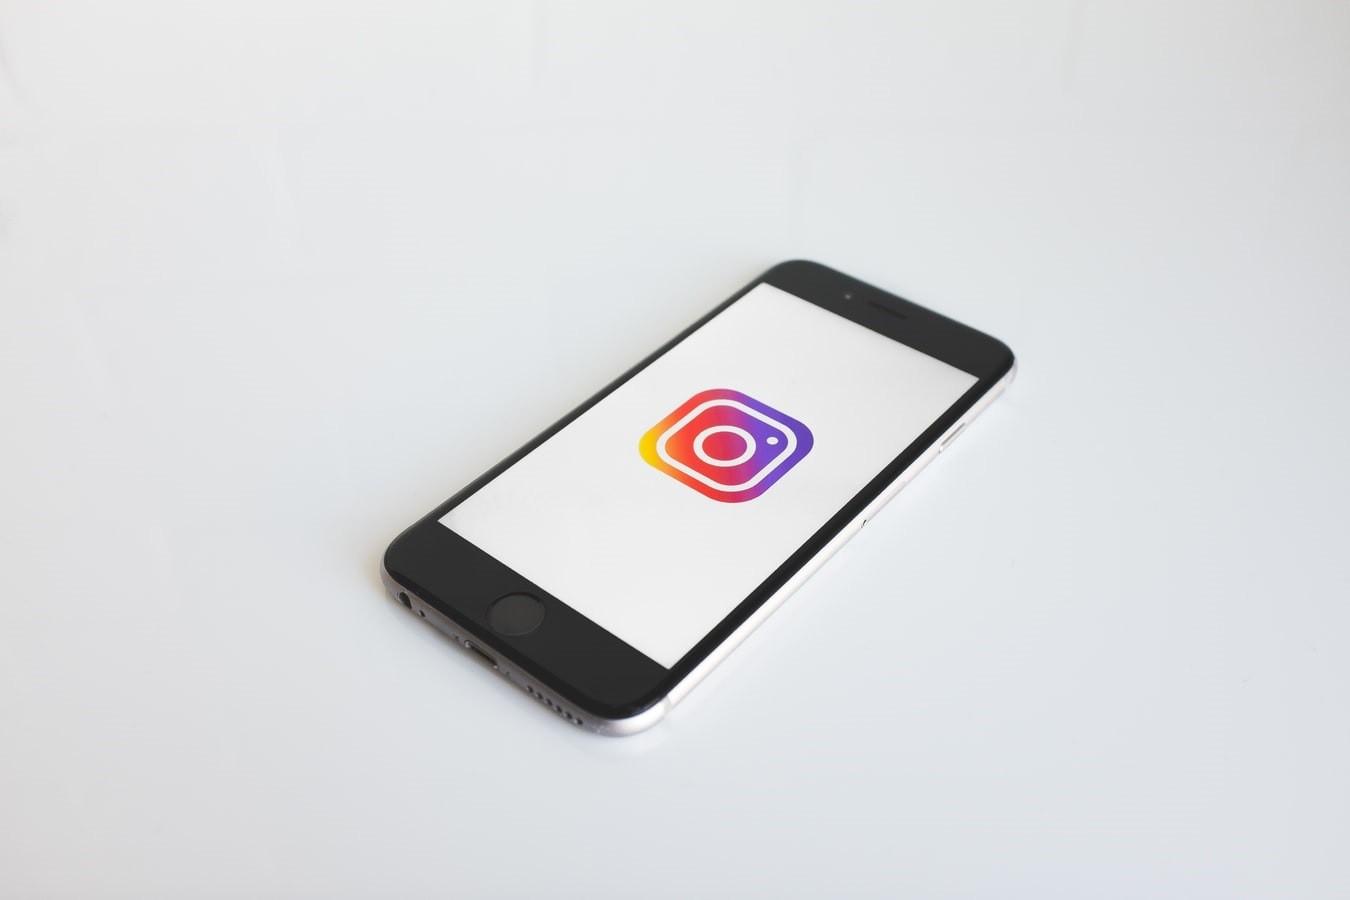 Suured muudatused Instagramis: Kohaliku tähtsusega ettevõtted saavad uue väljundi!